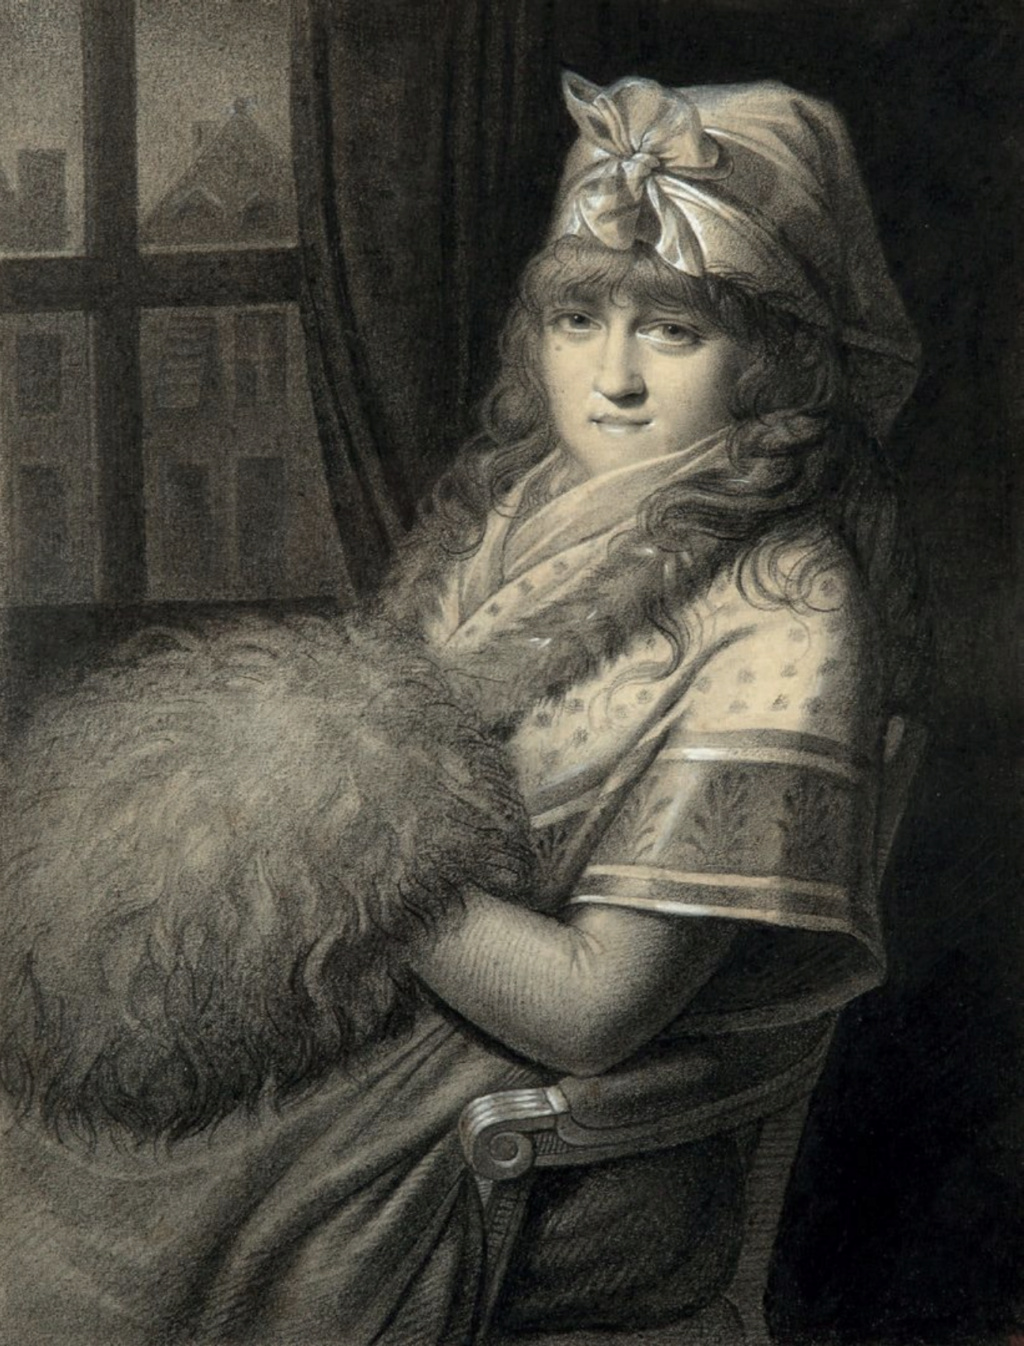 Galerie de portraits : Le manchon au XVIIIe siècle  - Page 3 Capt2416